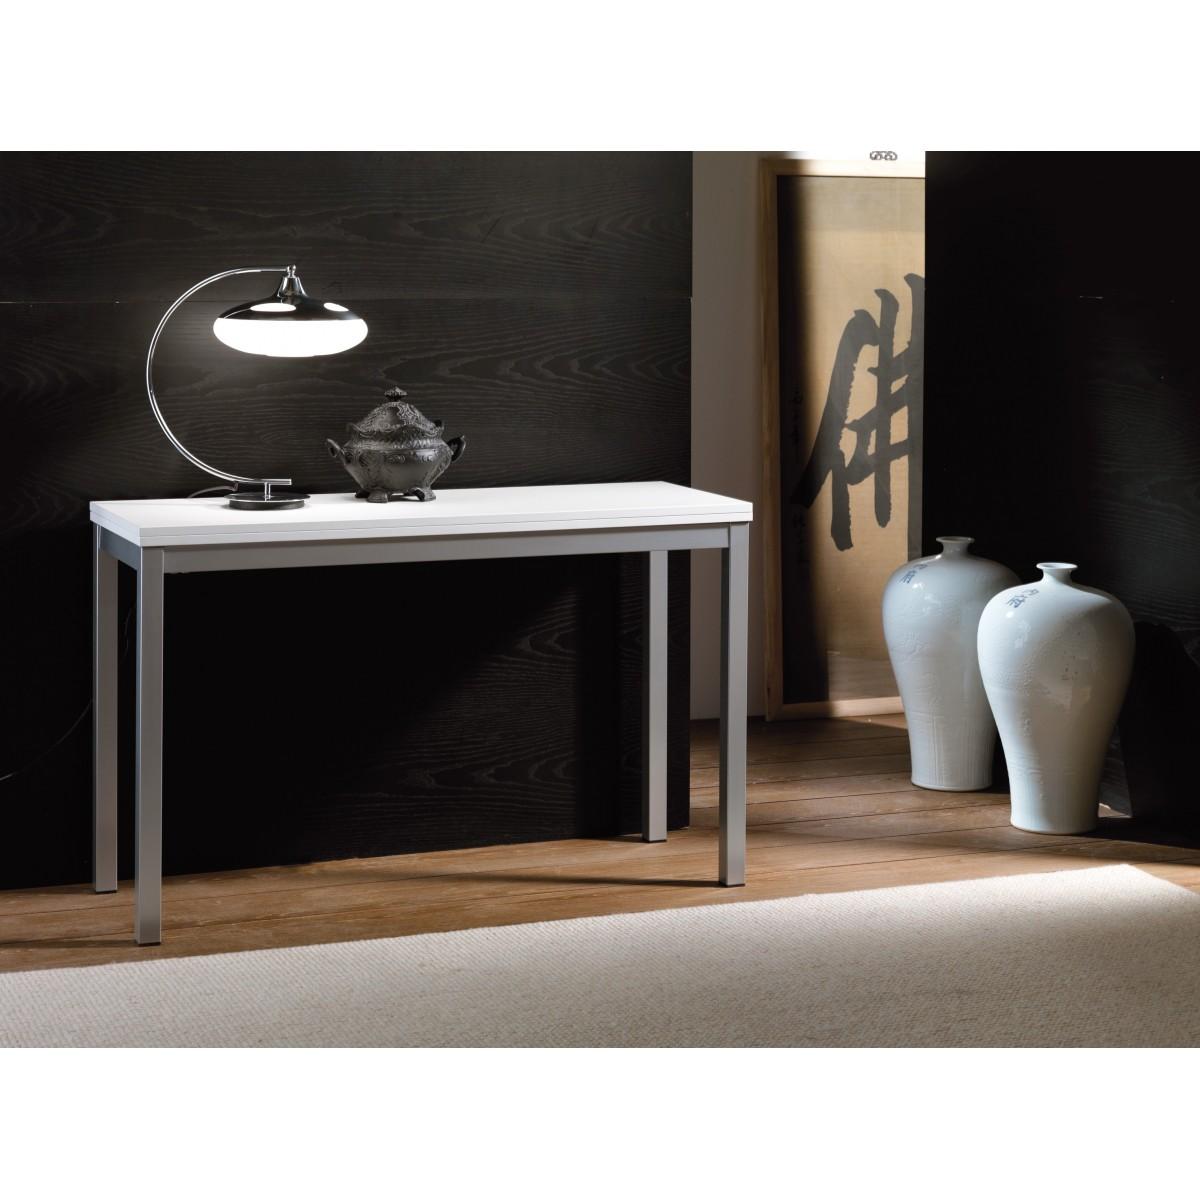 Tisch Platzsparend.Konsole Tisch Platzsparend Art 723 Der Stuhl Der Beste